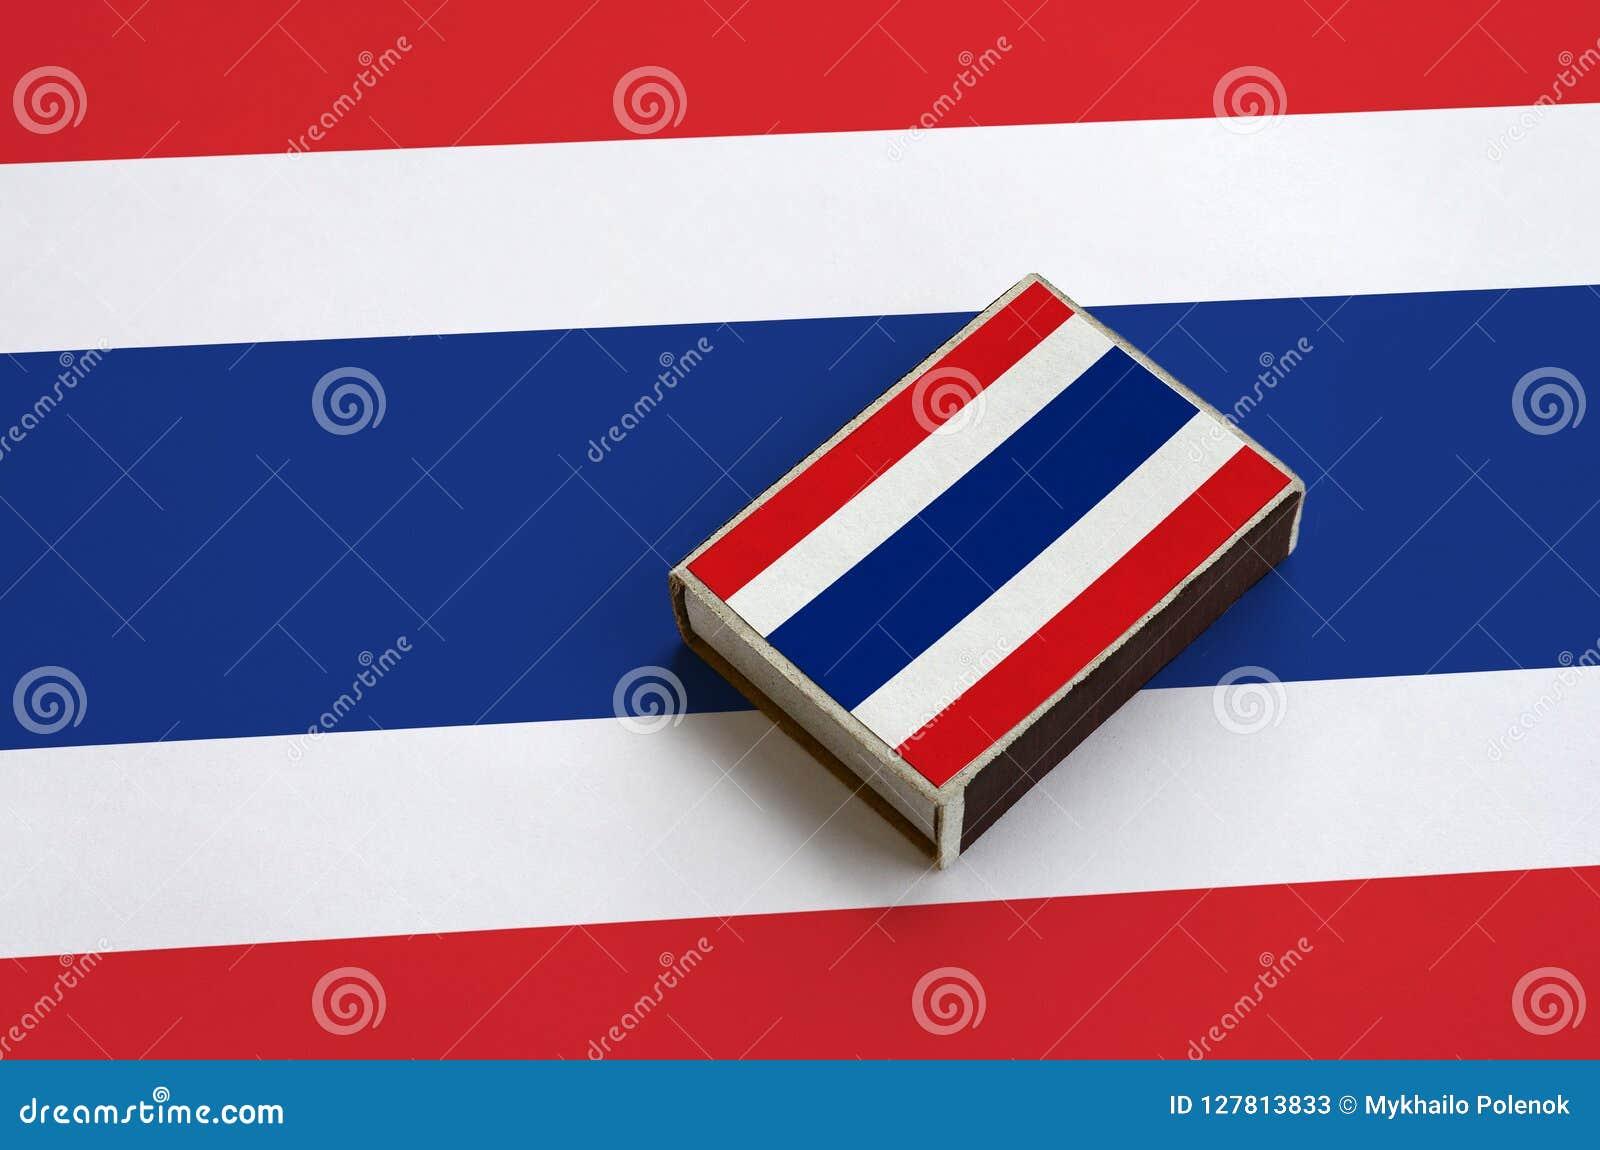 Le drapeau de la Thaïlande est décrit sur une boîte d allumettes qui se trouve sur un grand drapeau